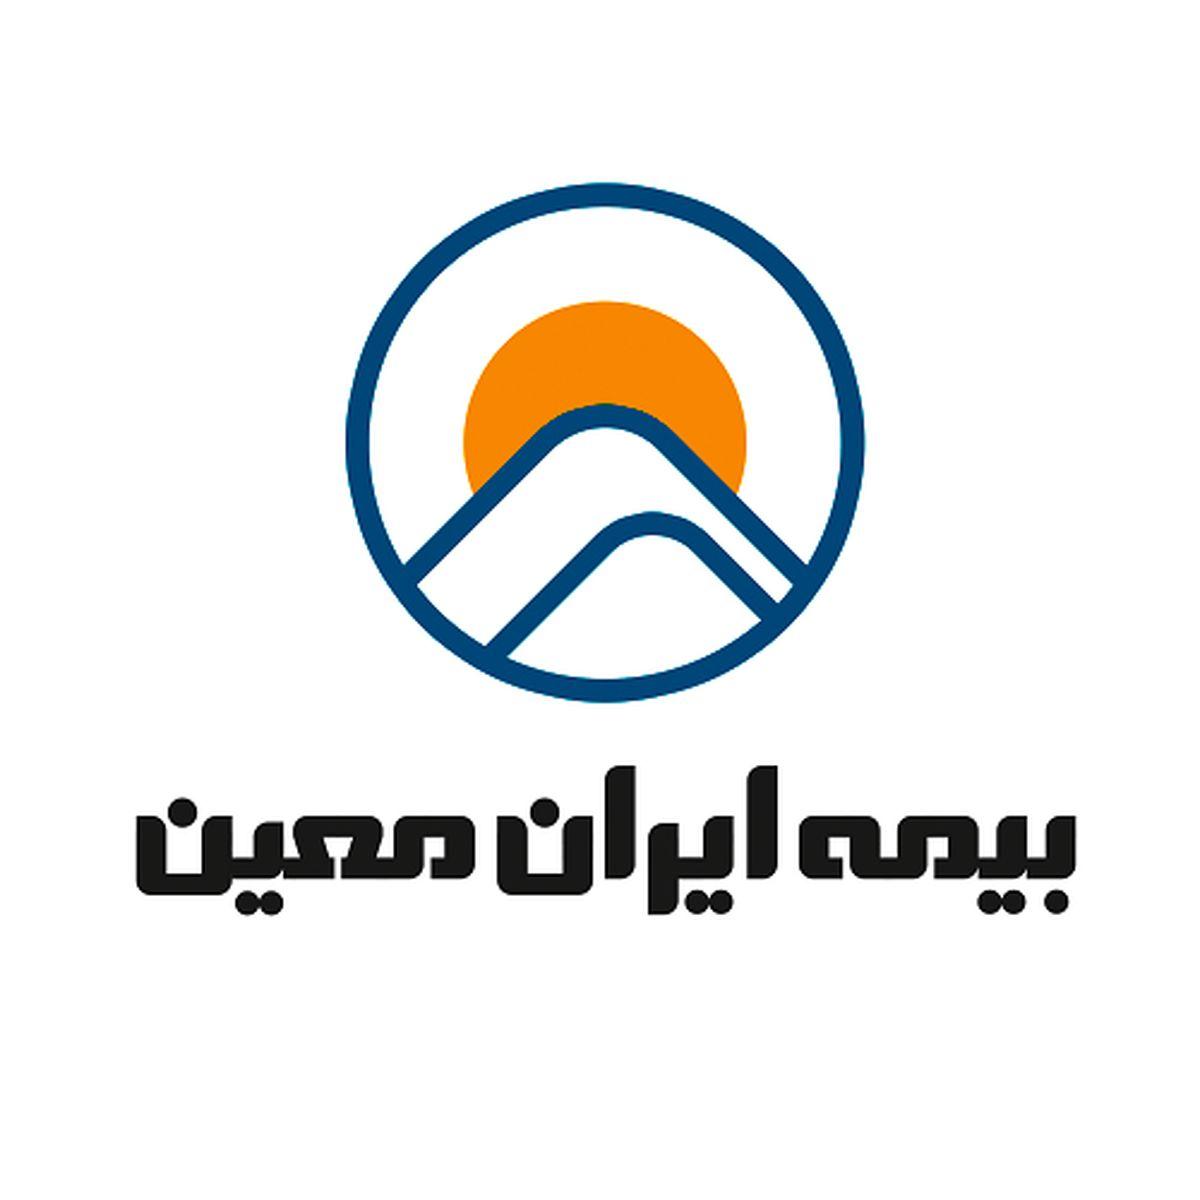 ایران معین در آستانه ورود به باشگاه ۱۰۰۰ میلیاردی های صنعت بیمه